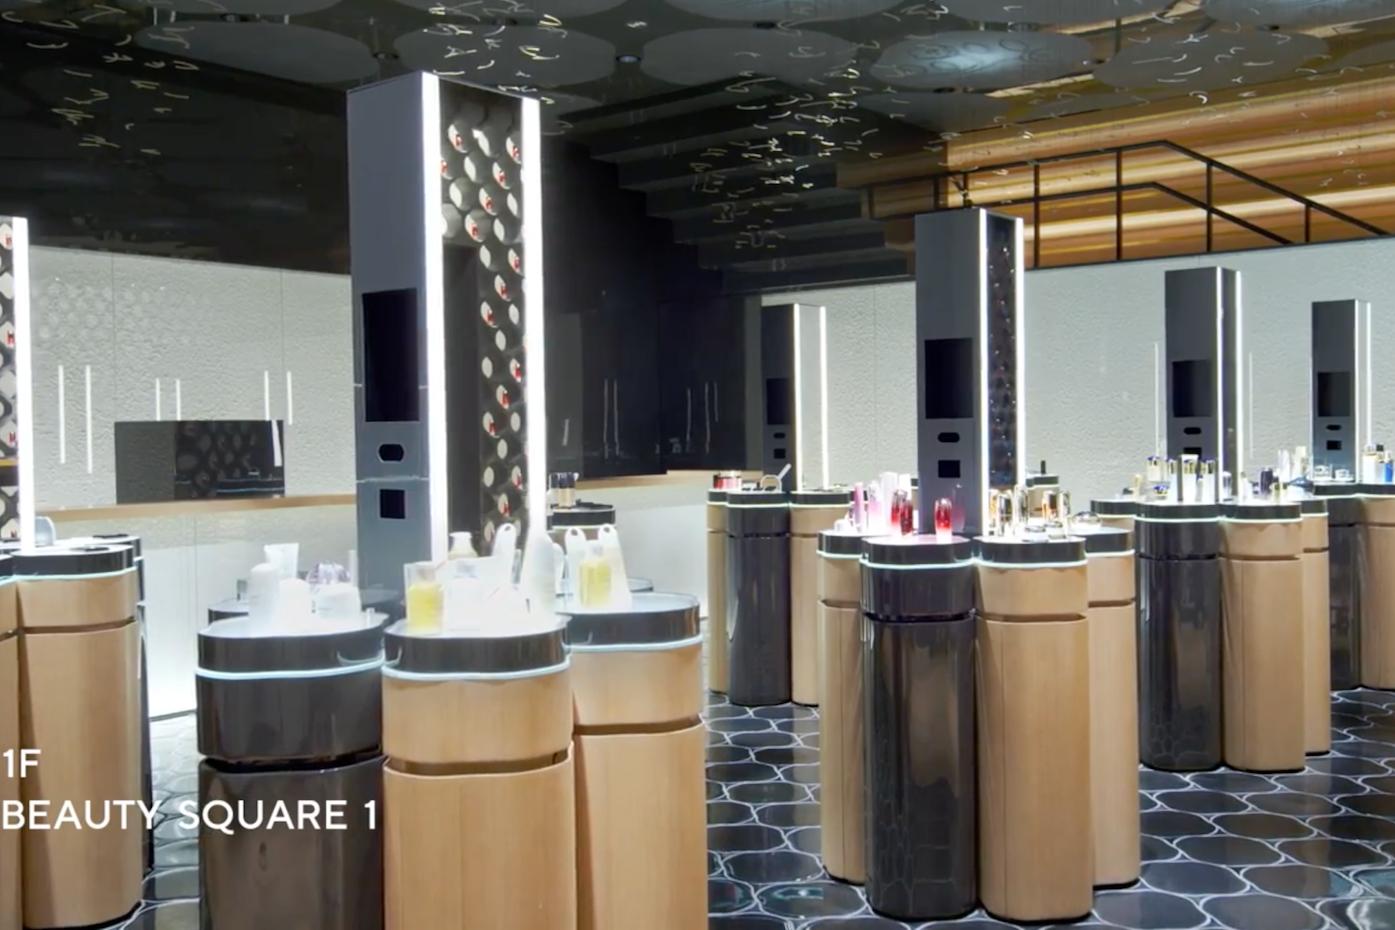 资生堂集团全力打造的东京银座旗舰店翻新后开张:造型沙龙,美容课程、咖啡馆、甚至还有影棚!